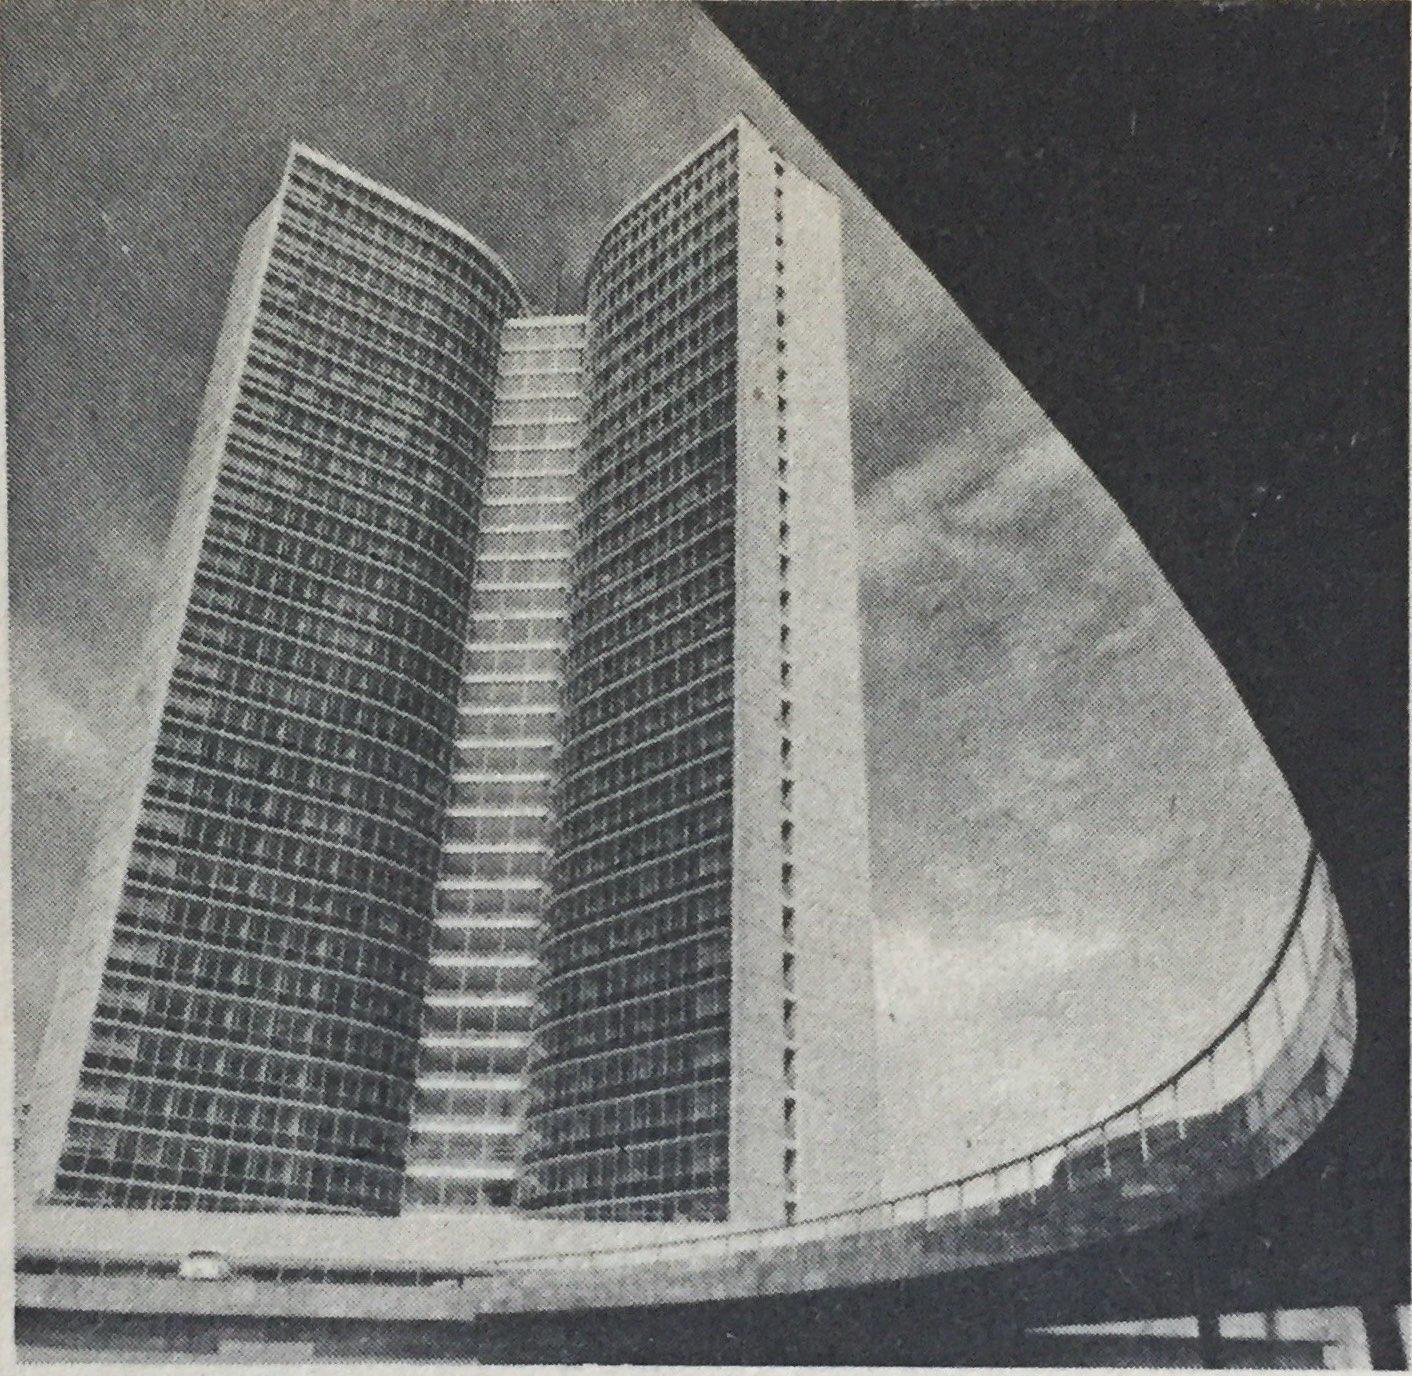 Das RGW-Gebäude in Moskau